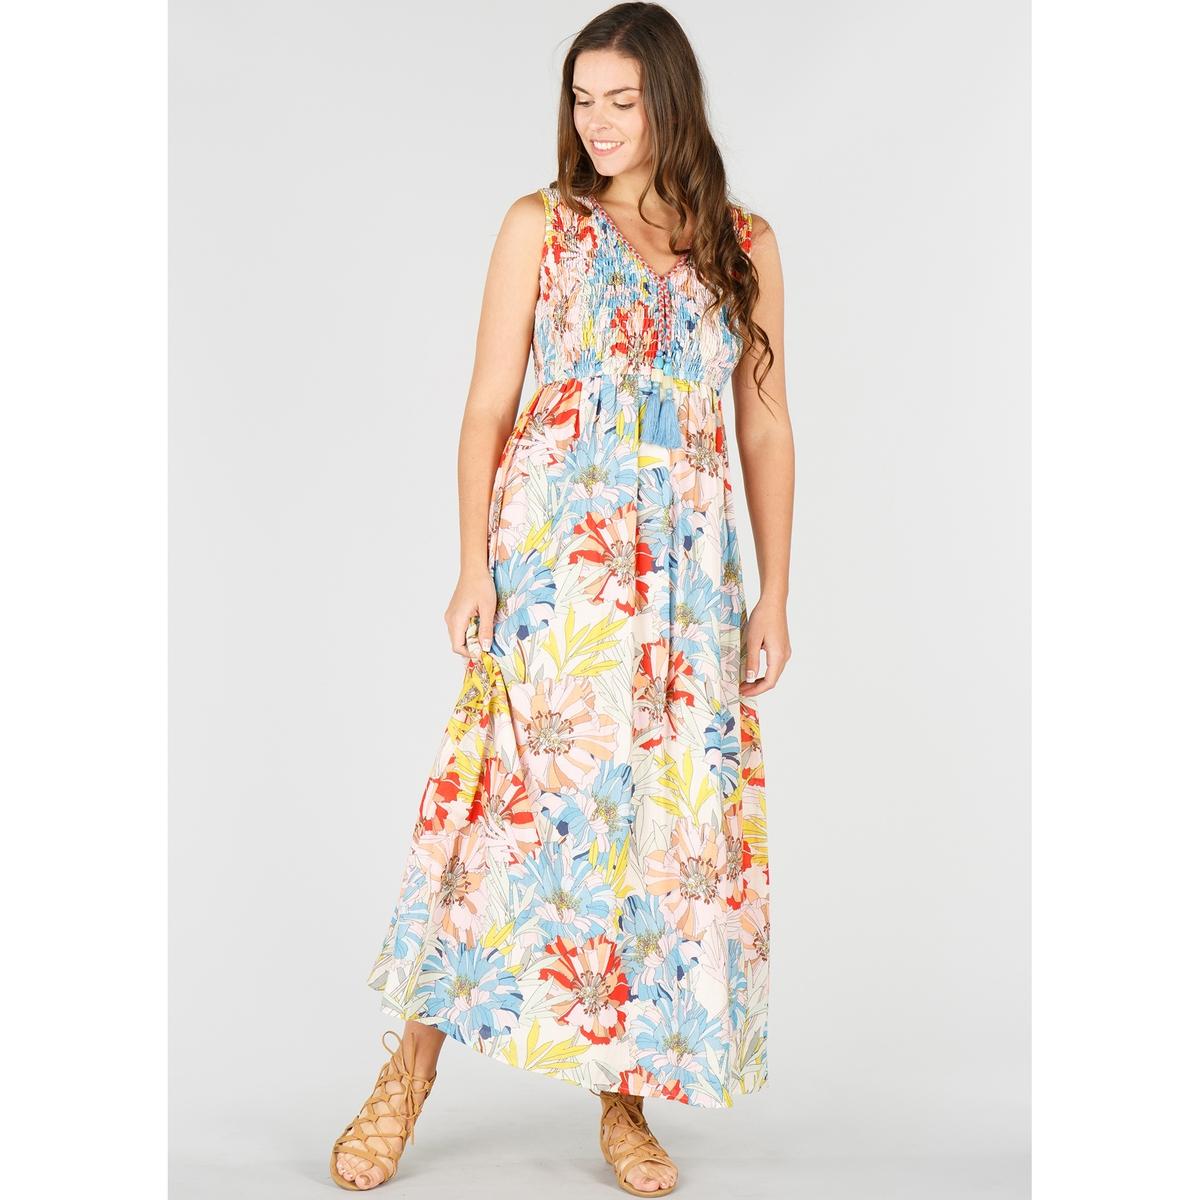 Платье длинное расклешенное с цветочным рисунком, без рукавов